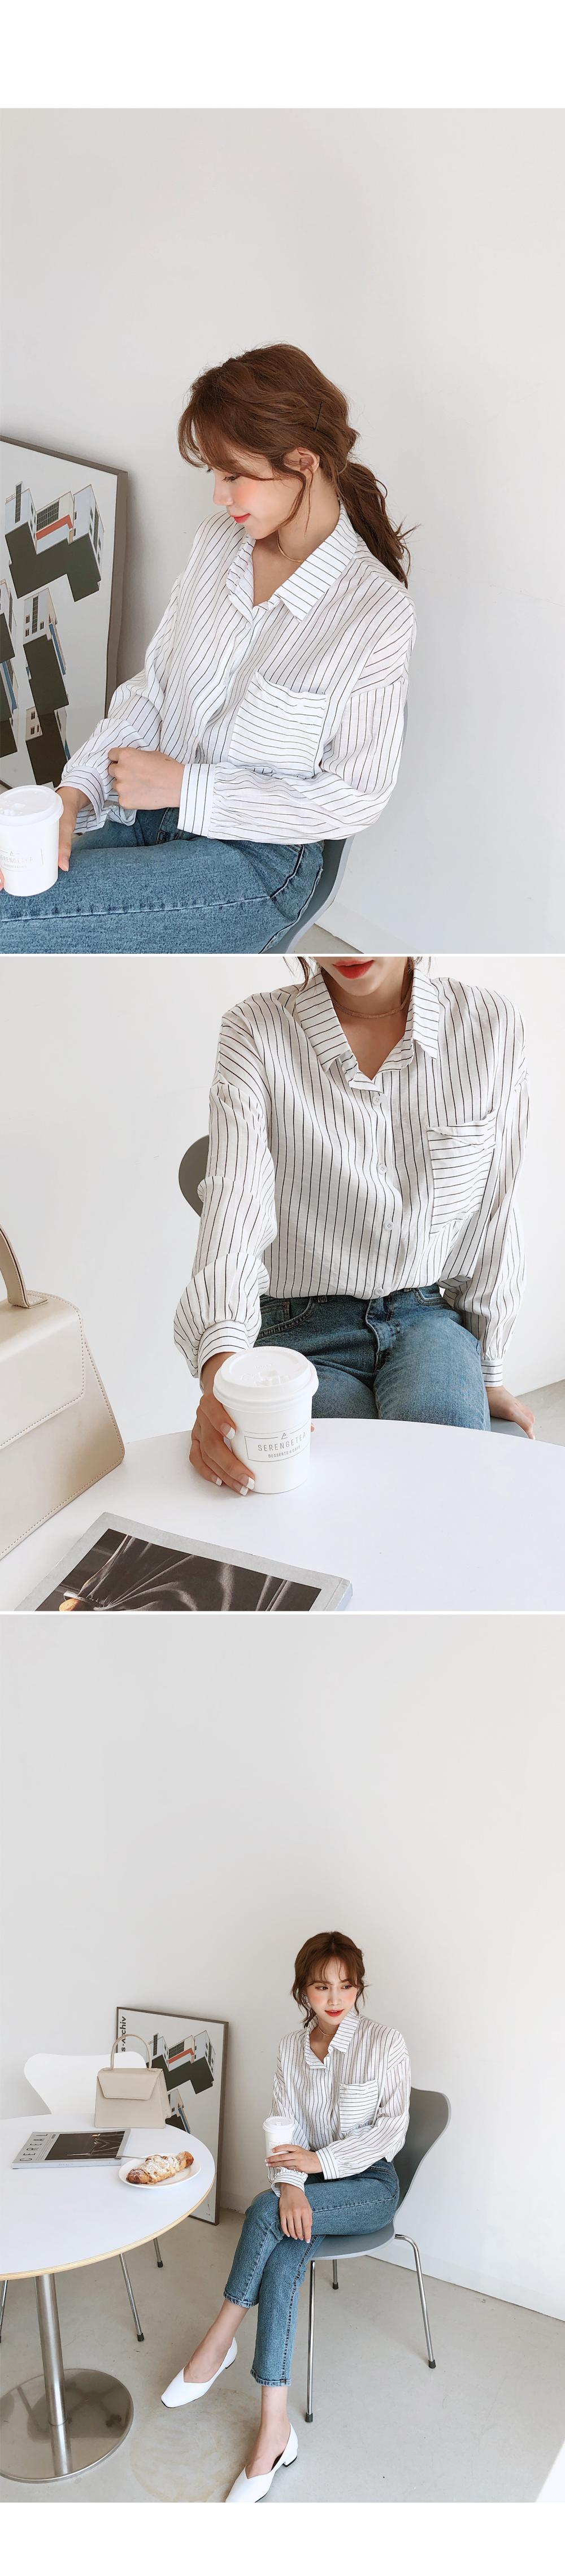 Basic Crystal Shirt